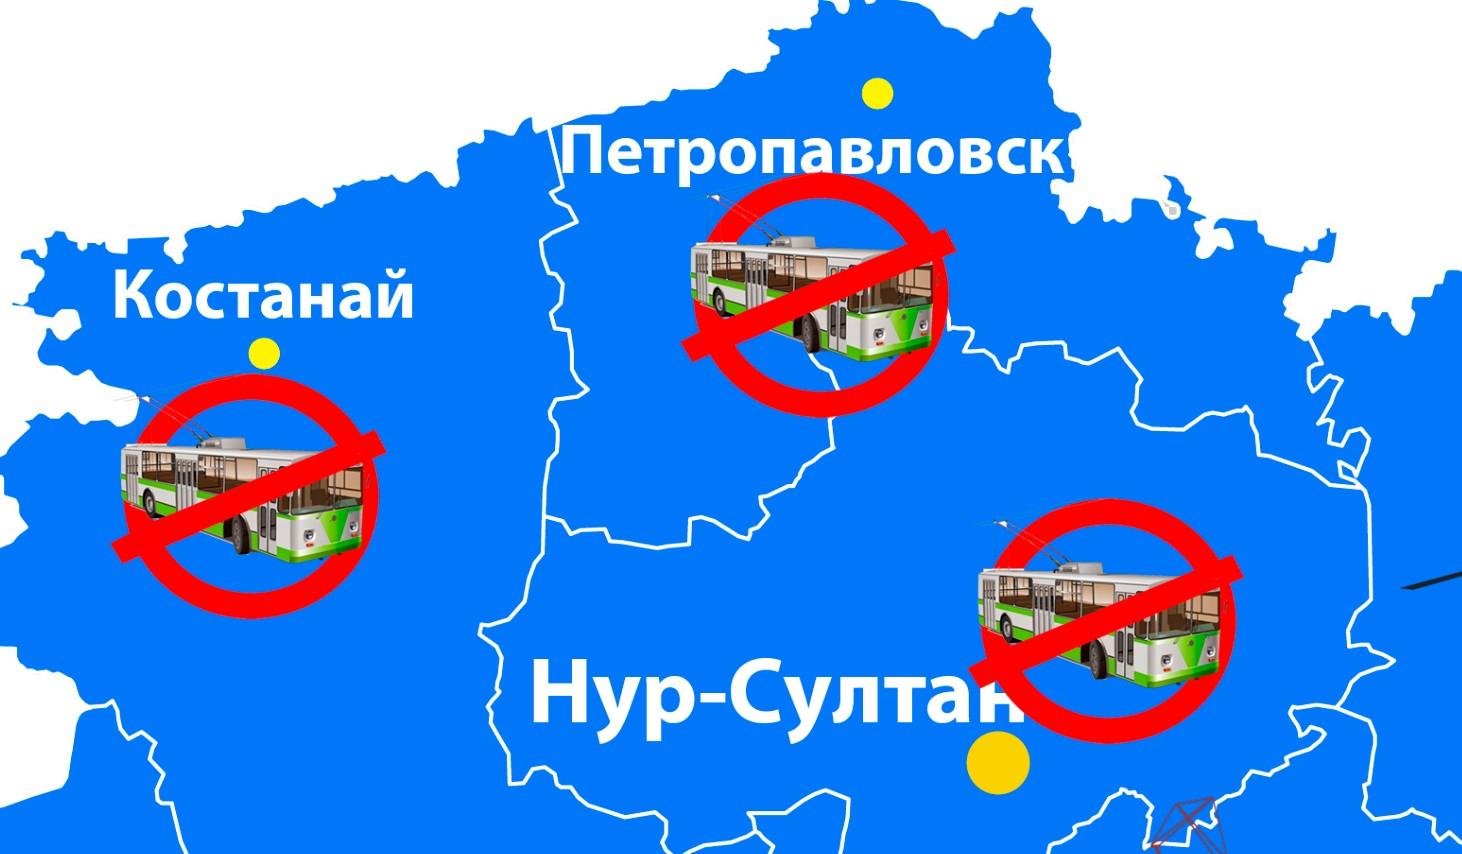 Петропавловск: о том, как не надо развивать общественный транспорт